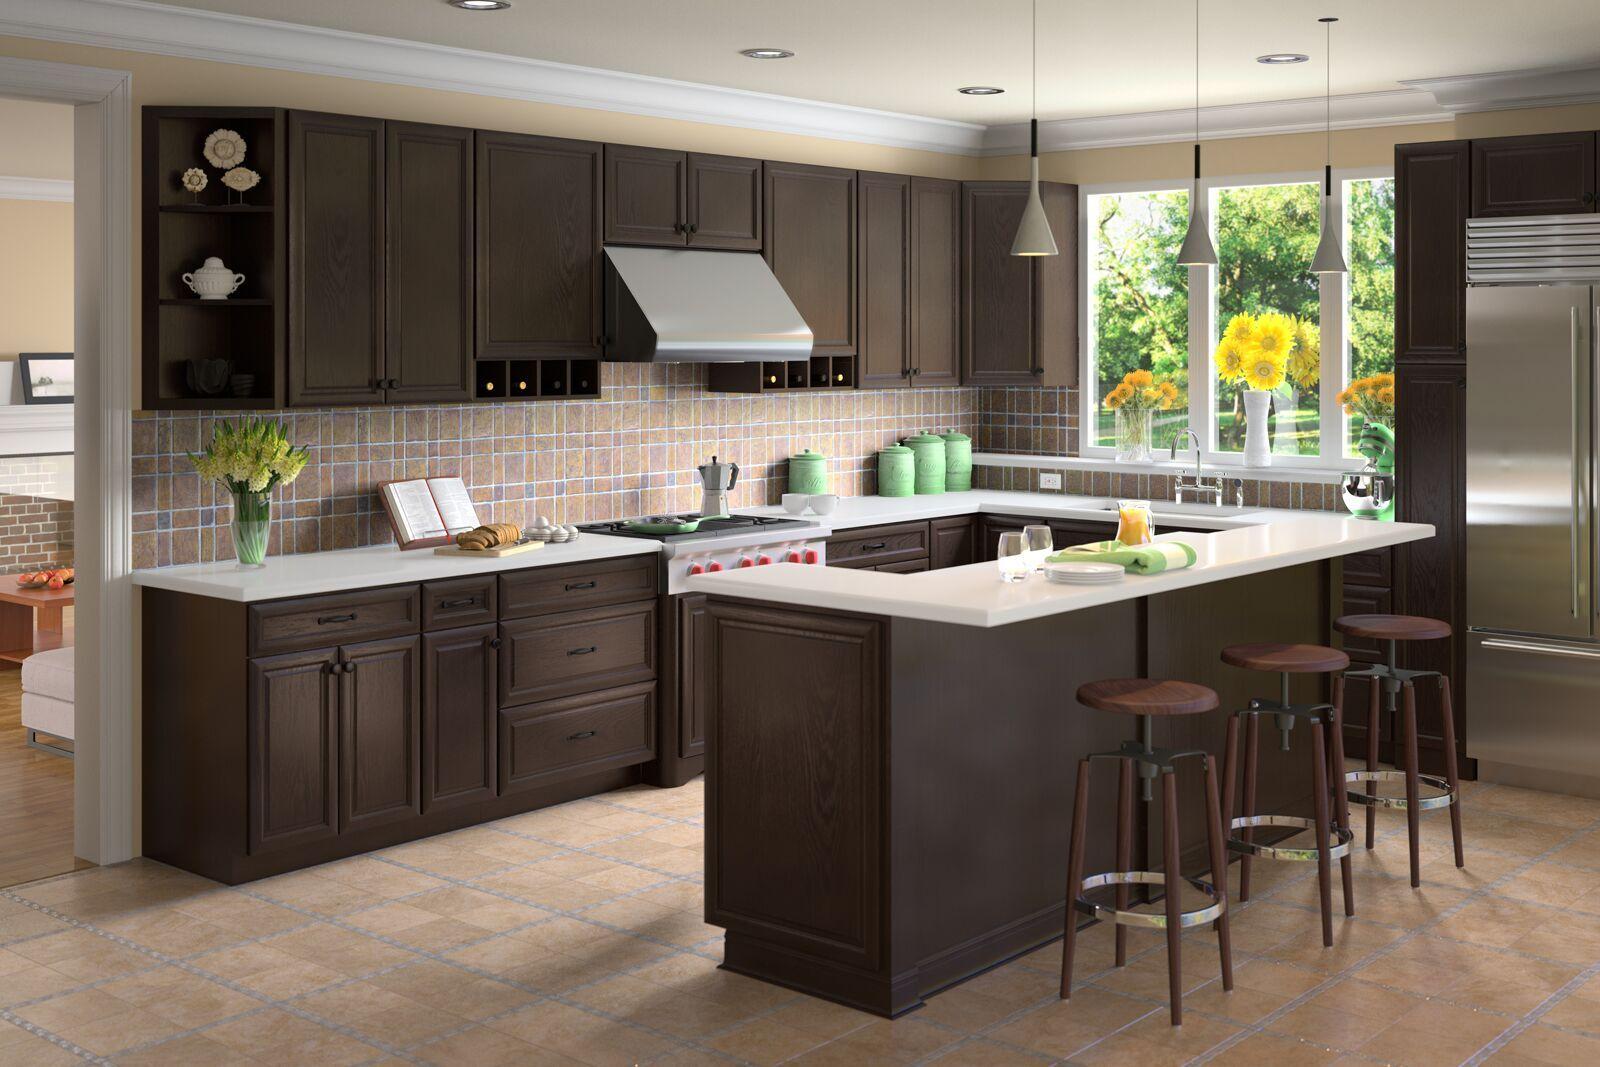 Free estimate kitchen cabinets - Classic Espresso 5day Cabinets All Wood Kitchen Cabinets Sales Installation Granite